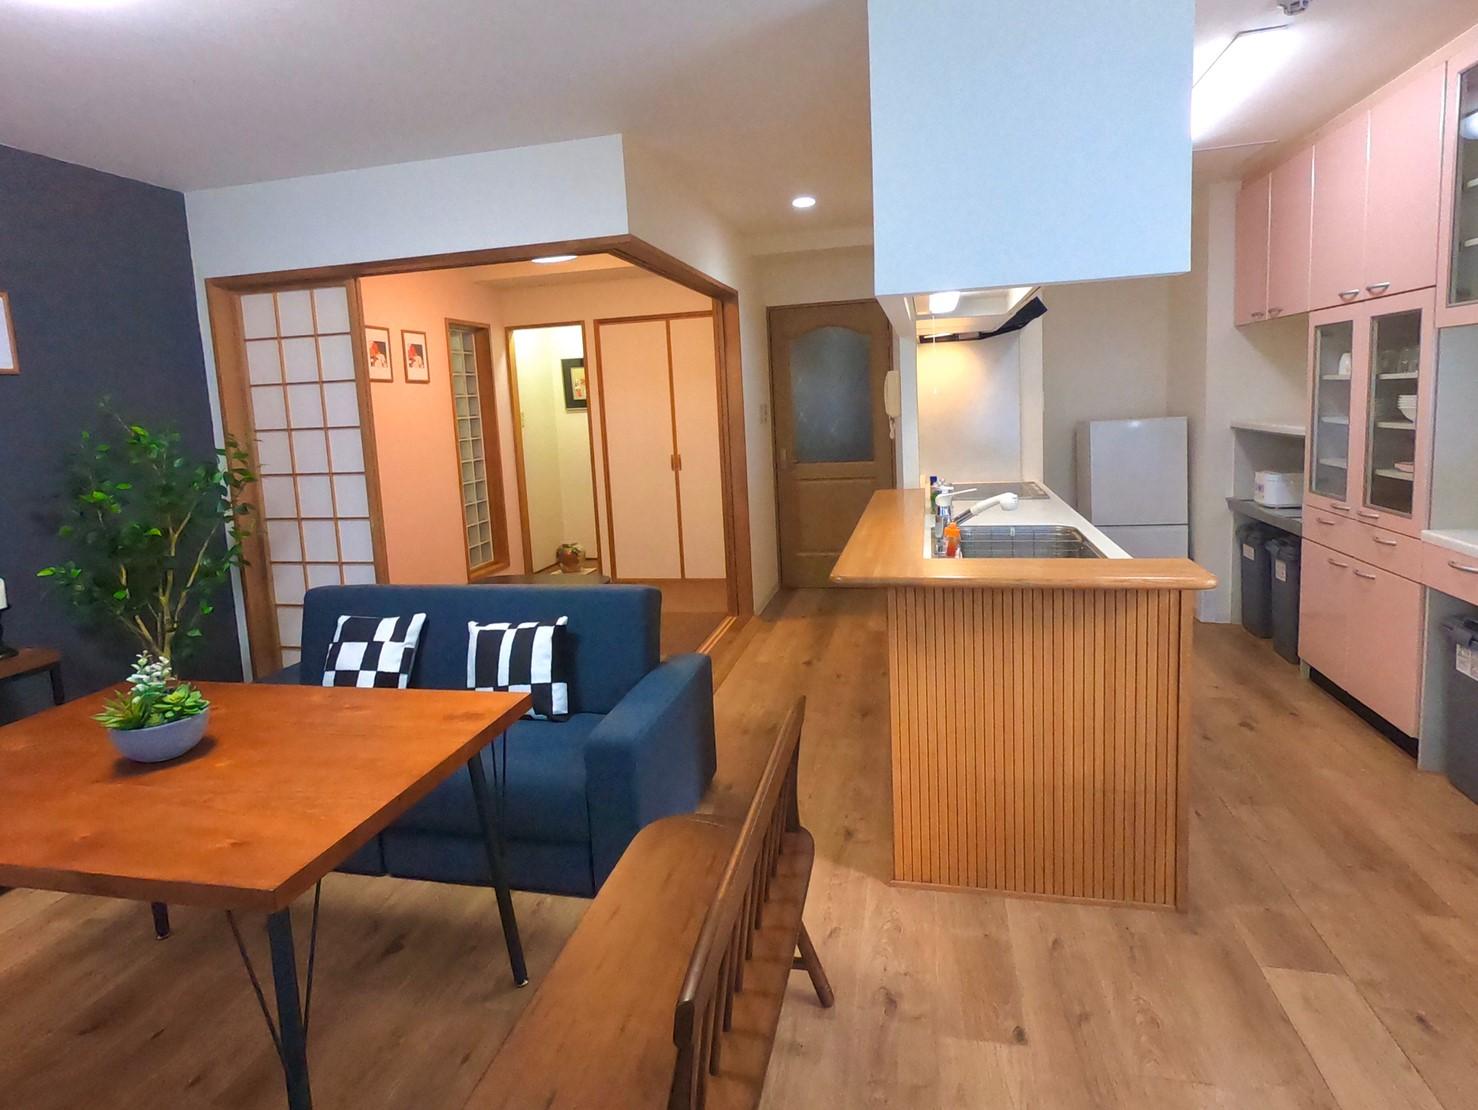 キッチンも備え付けられていますのでポップアップストアも可能です - レスト52 101 1Fサロンスペースの室内の写真